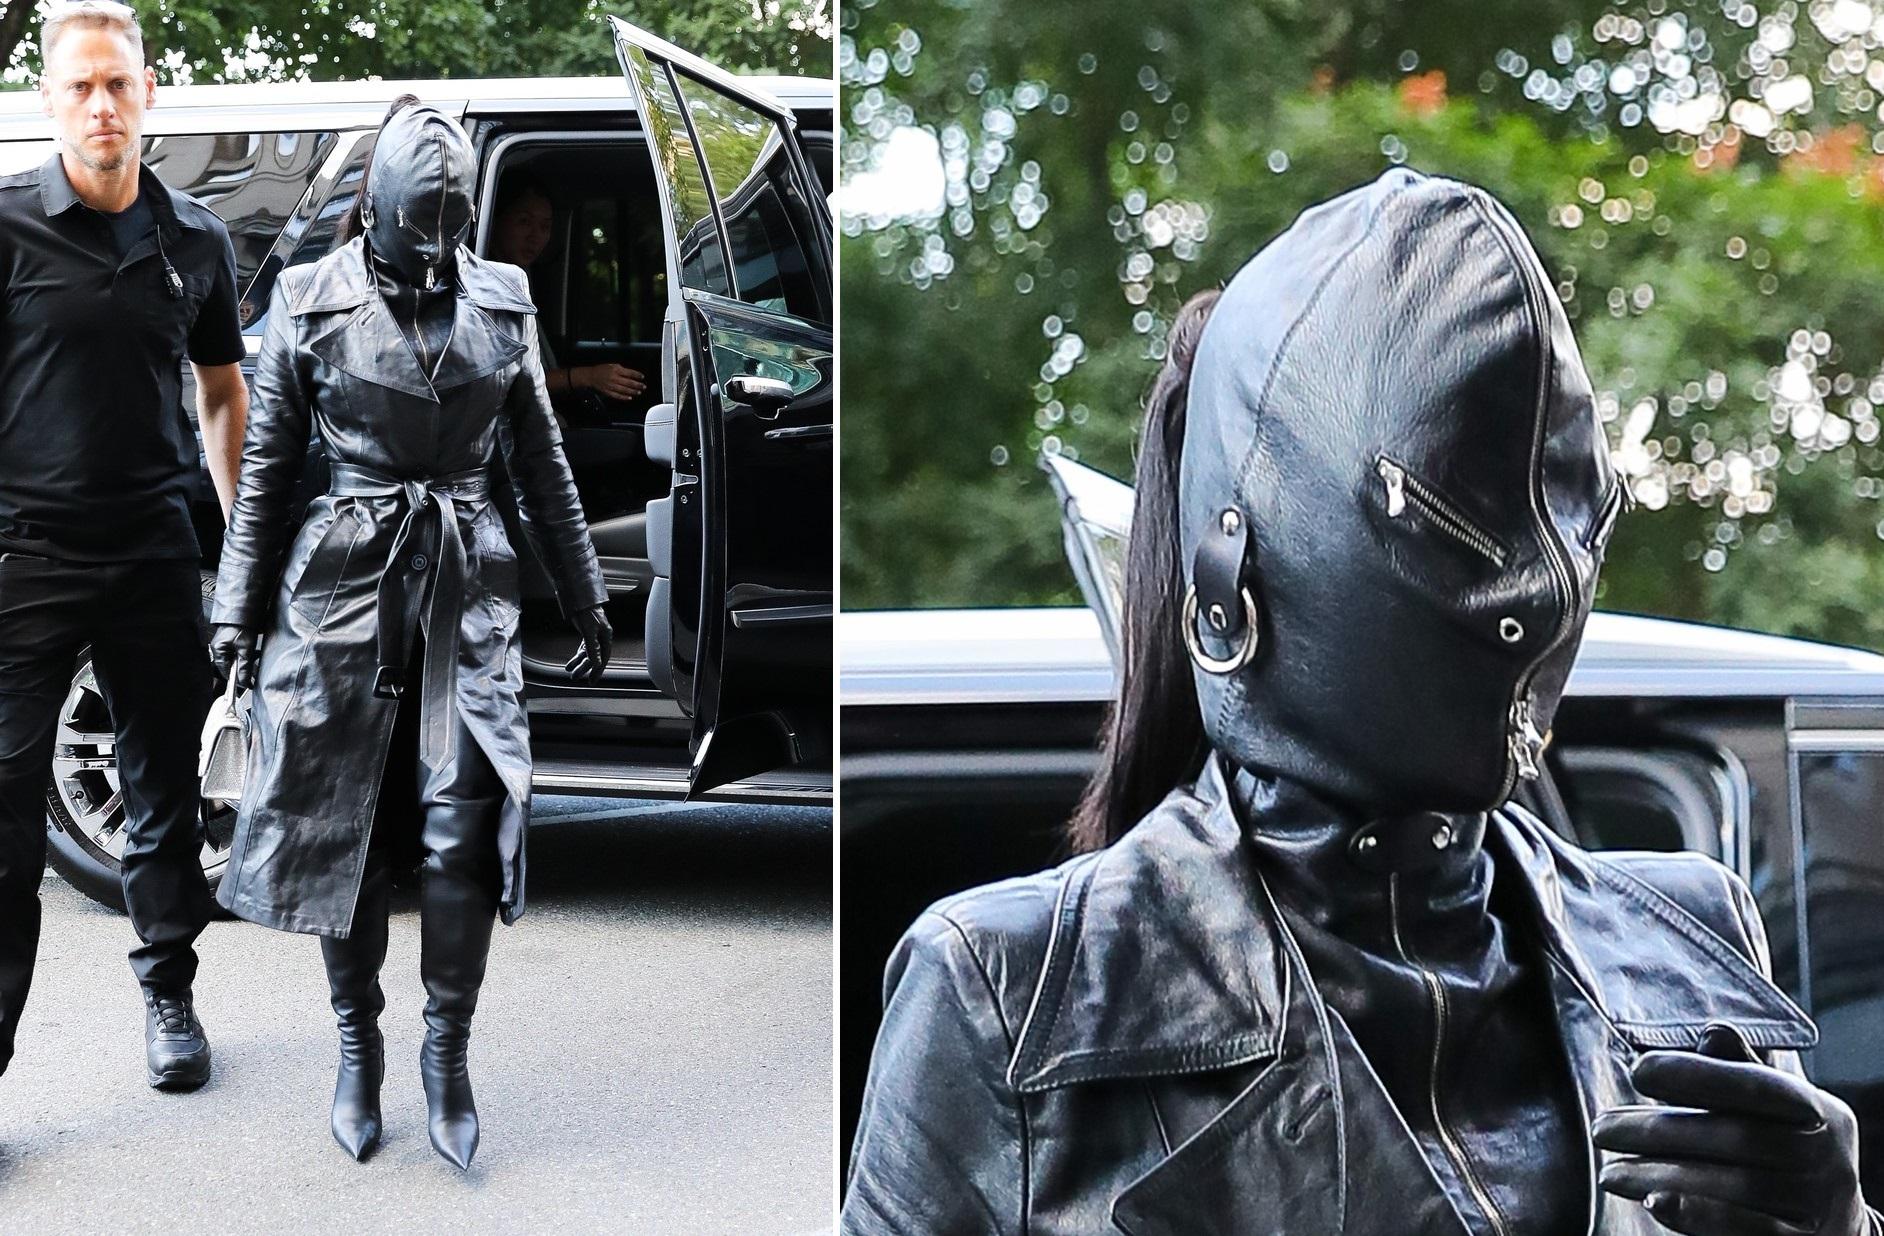 Vedeta care a ieșit pe stradă îmbrăcată complet în piele neagră. A avut și fața acoperită. GALERIE FOTO